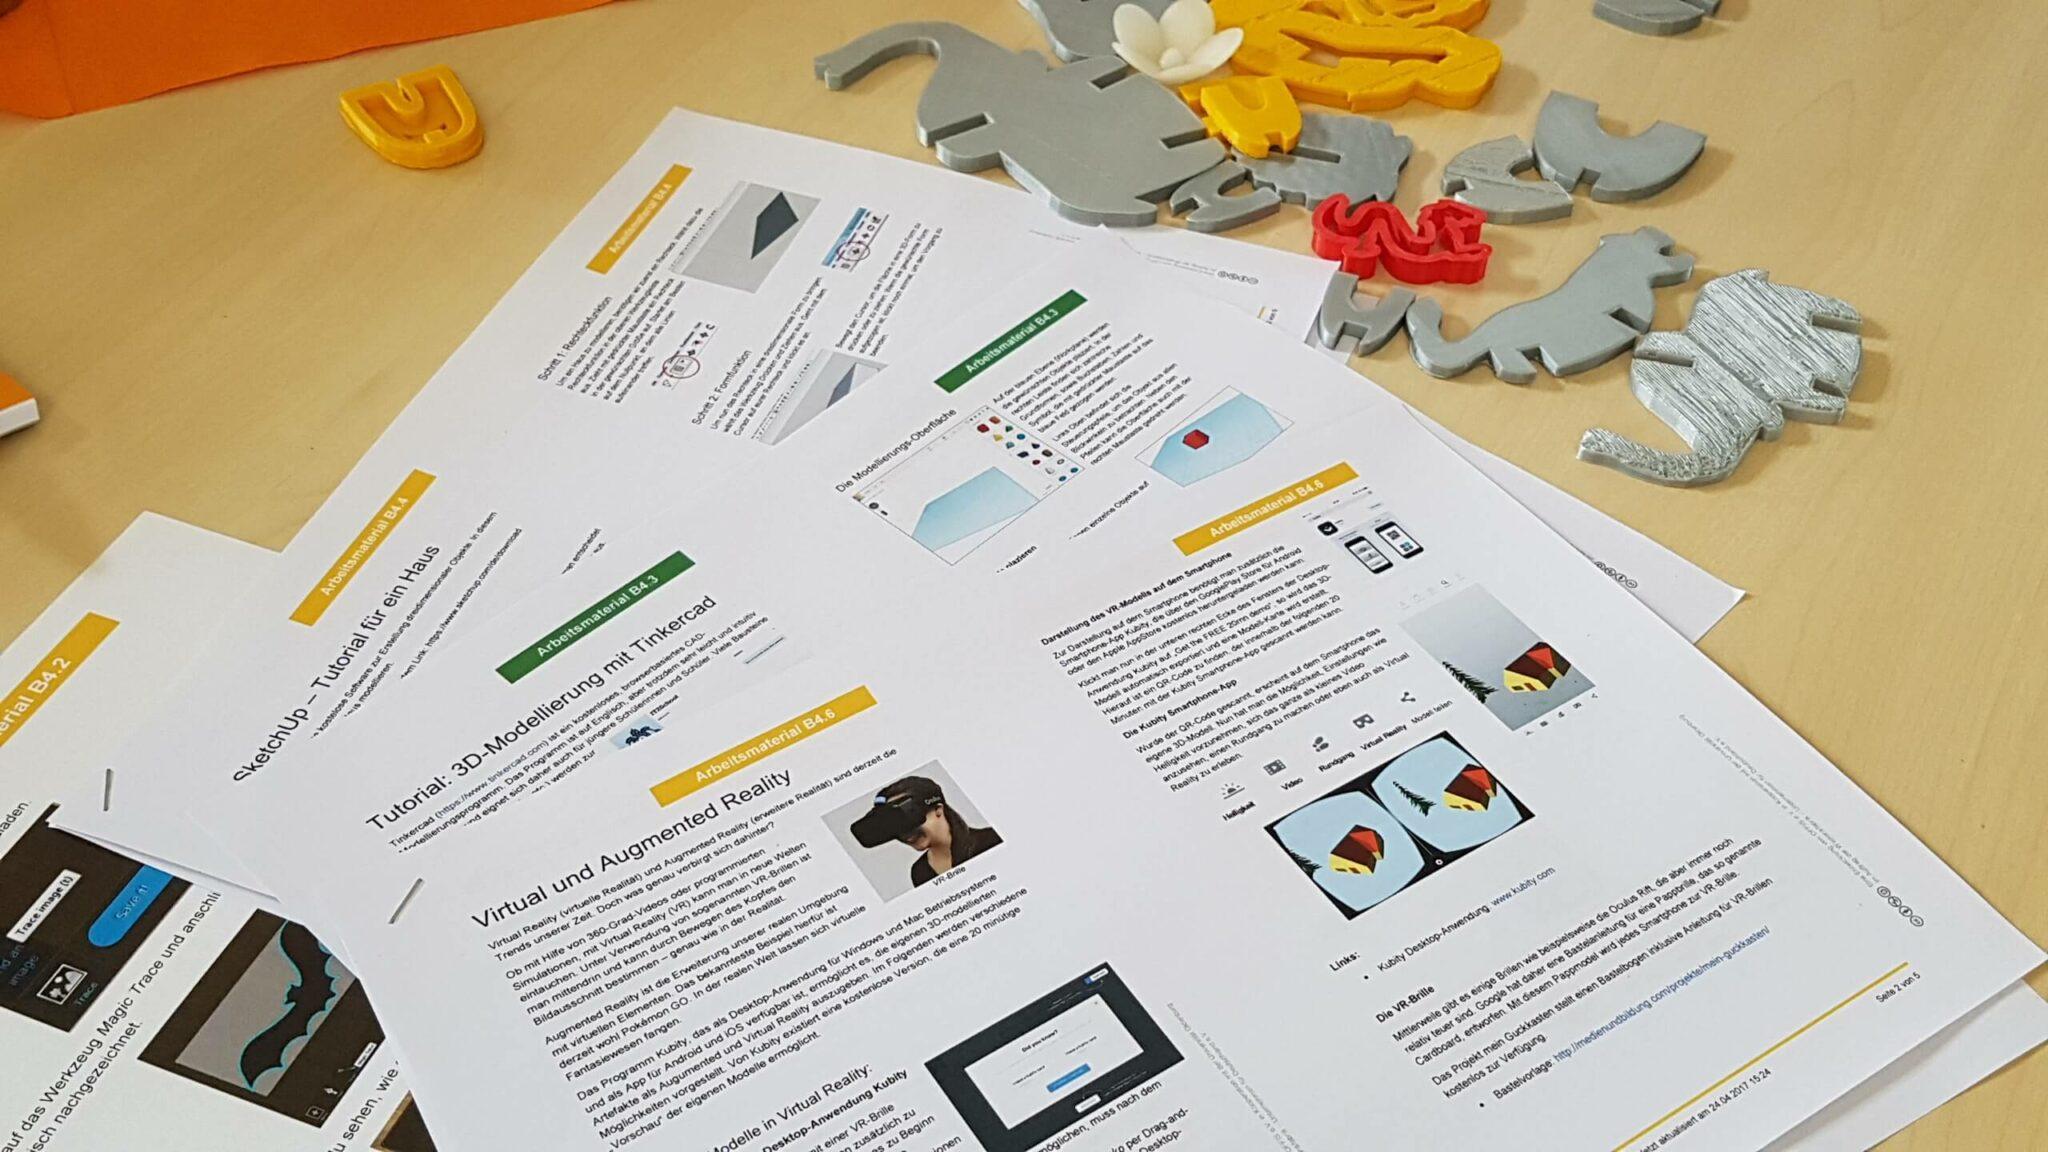 Material und Unterrichtskonzepte zu IT2School können frei heruntergeladen werden.